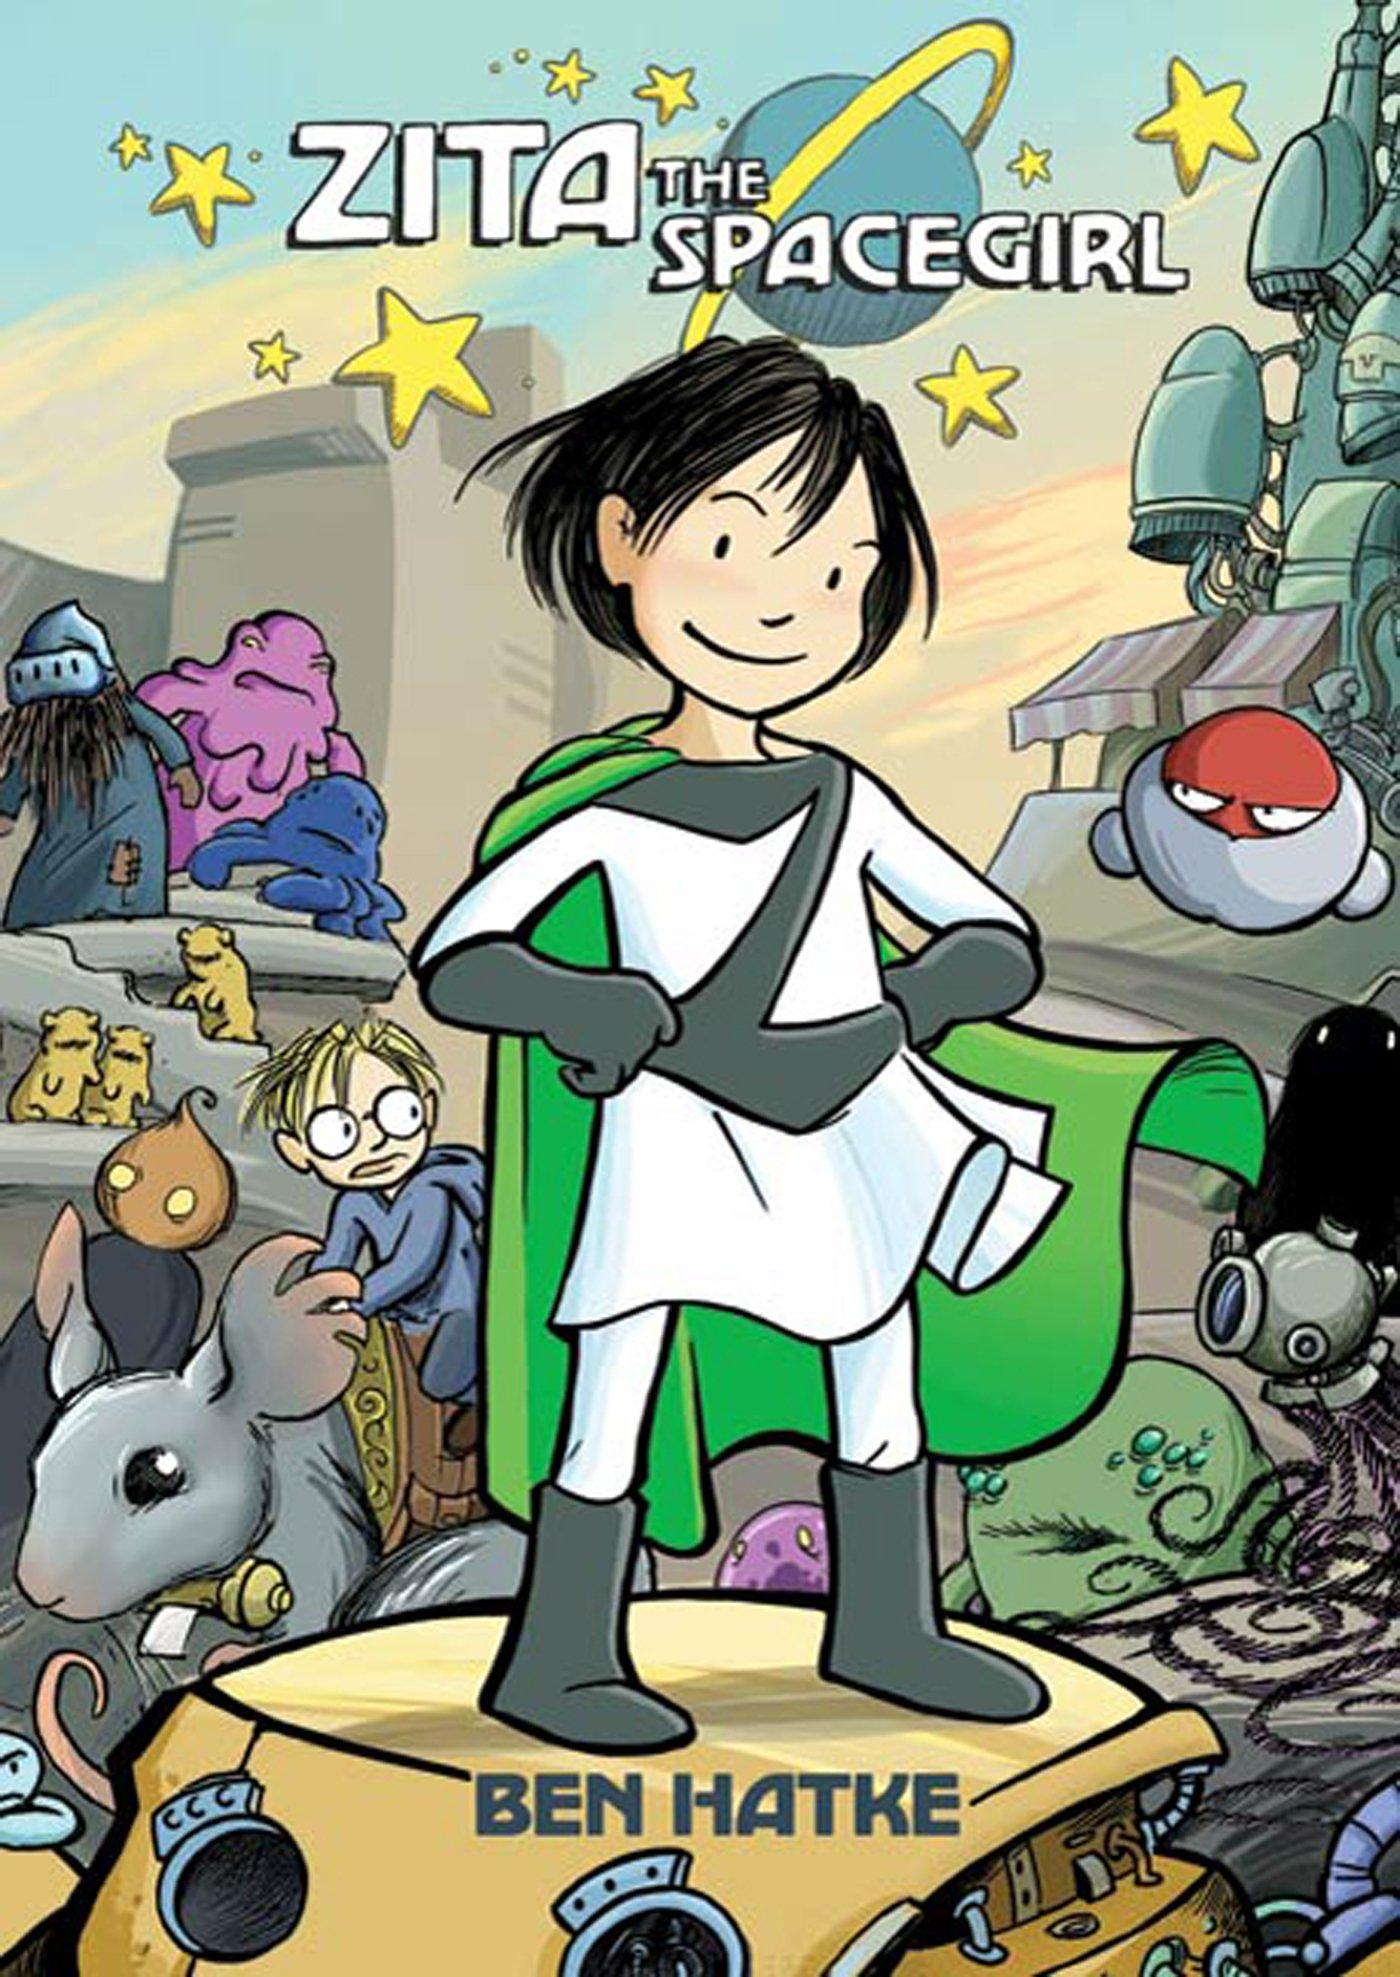 Kids on Fire: Gradeschoolers Will Love The Zita The Spacegirl Series